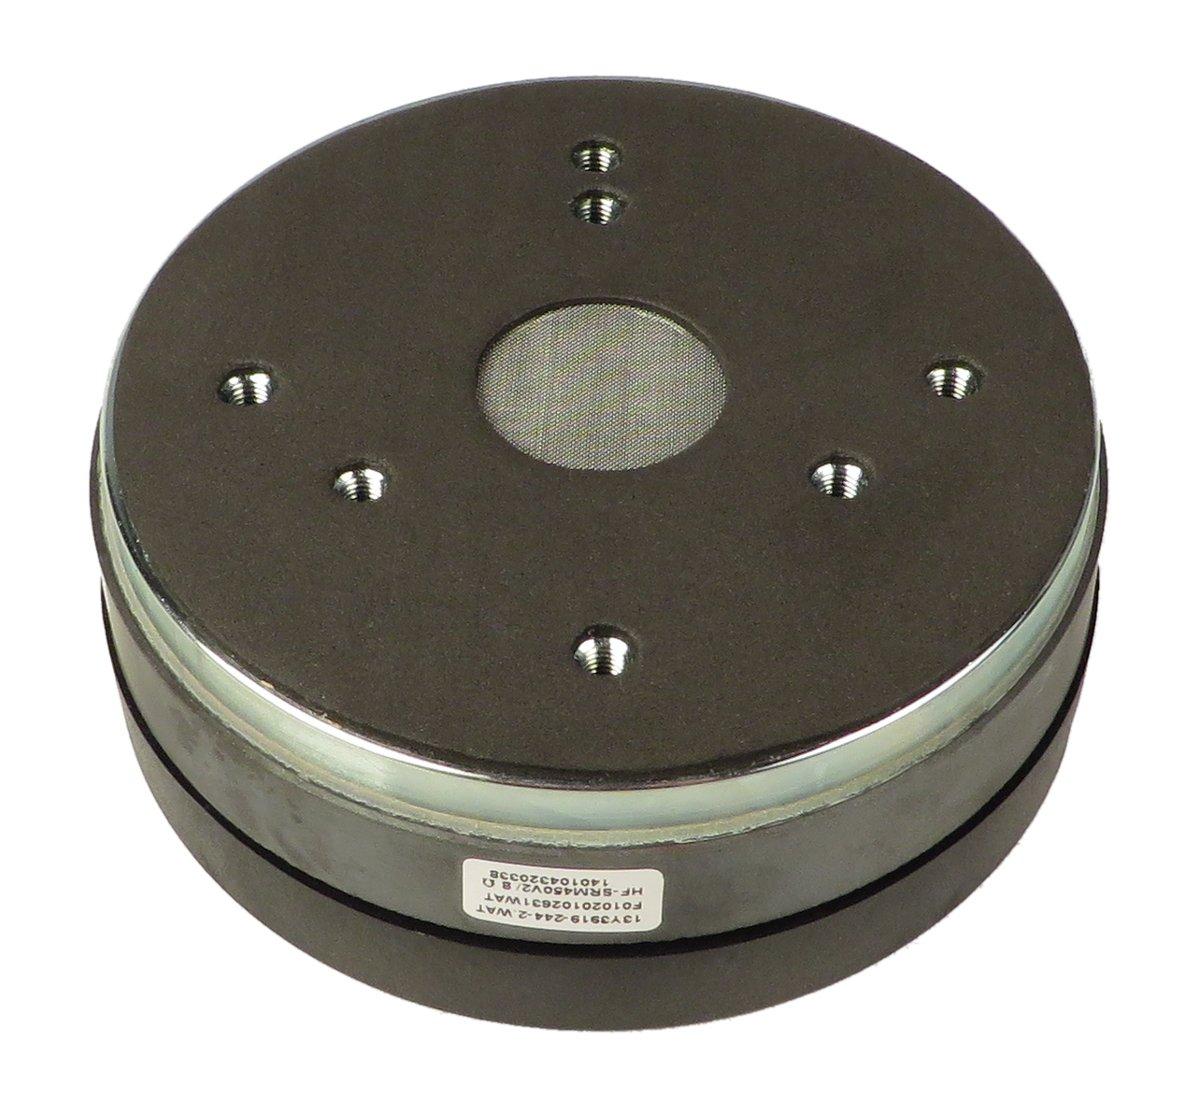 mackie 0025726 hf driver for srm450v2 full compass. Black Bedroom Furniture Sets. Home Design Ideas